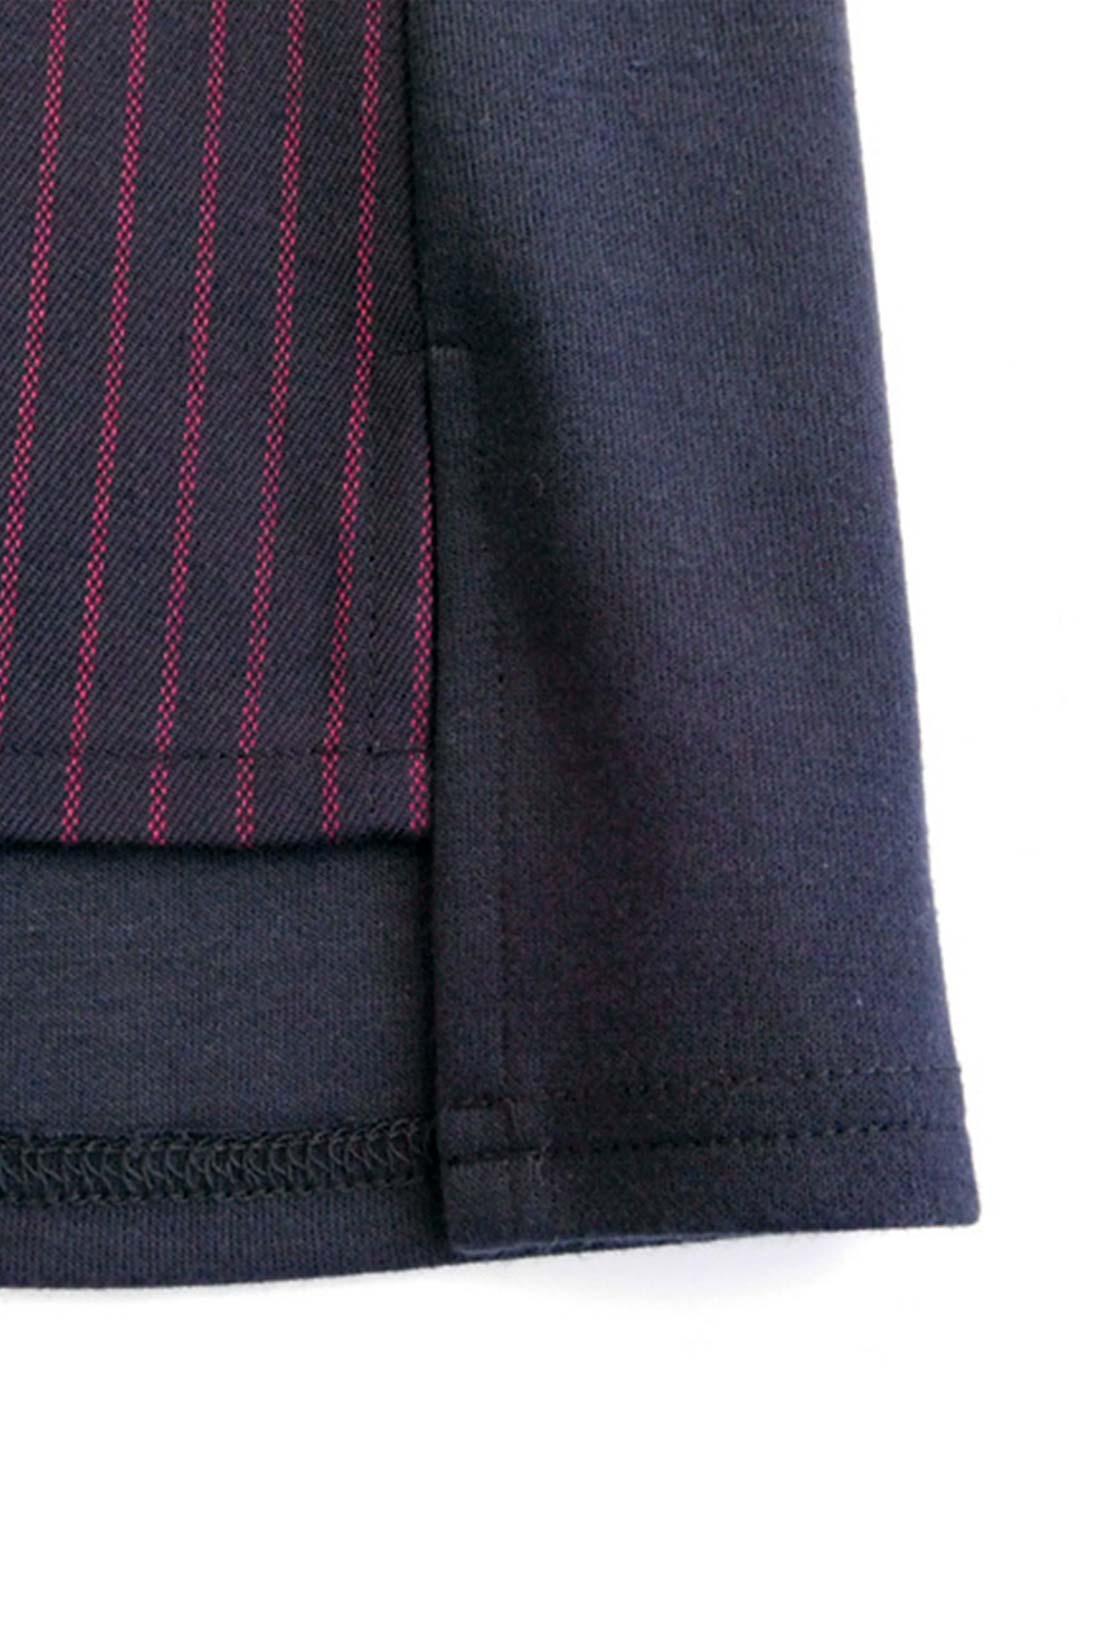 【前身ごろだけ。】袖と背中は無地のカットソー、前身ごろと袖口裏だけ細めのストライプになっているよ。